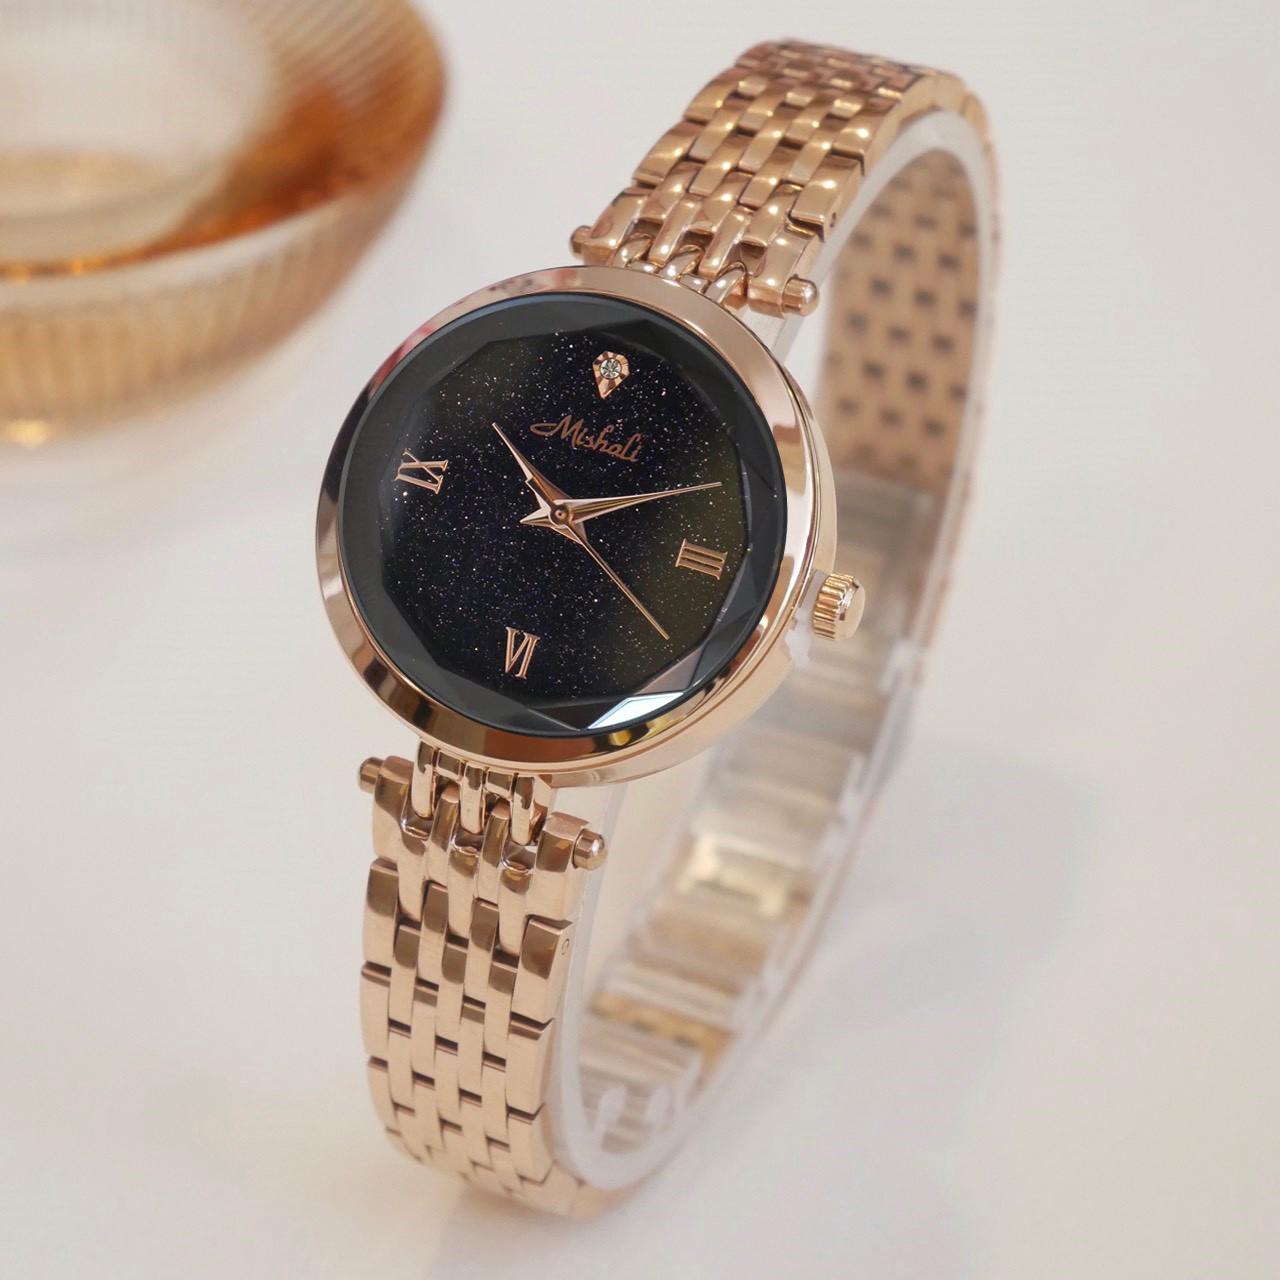 นาฬิกาข้อมือผู้หญิง MISHALI M18028 C